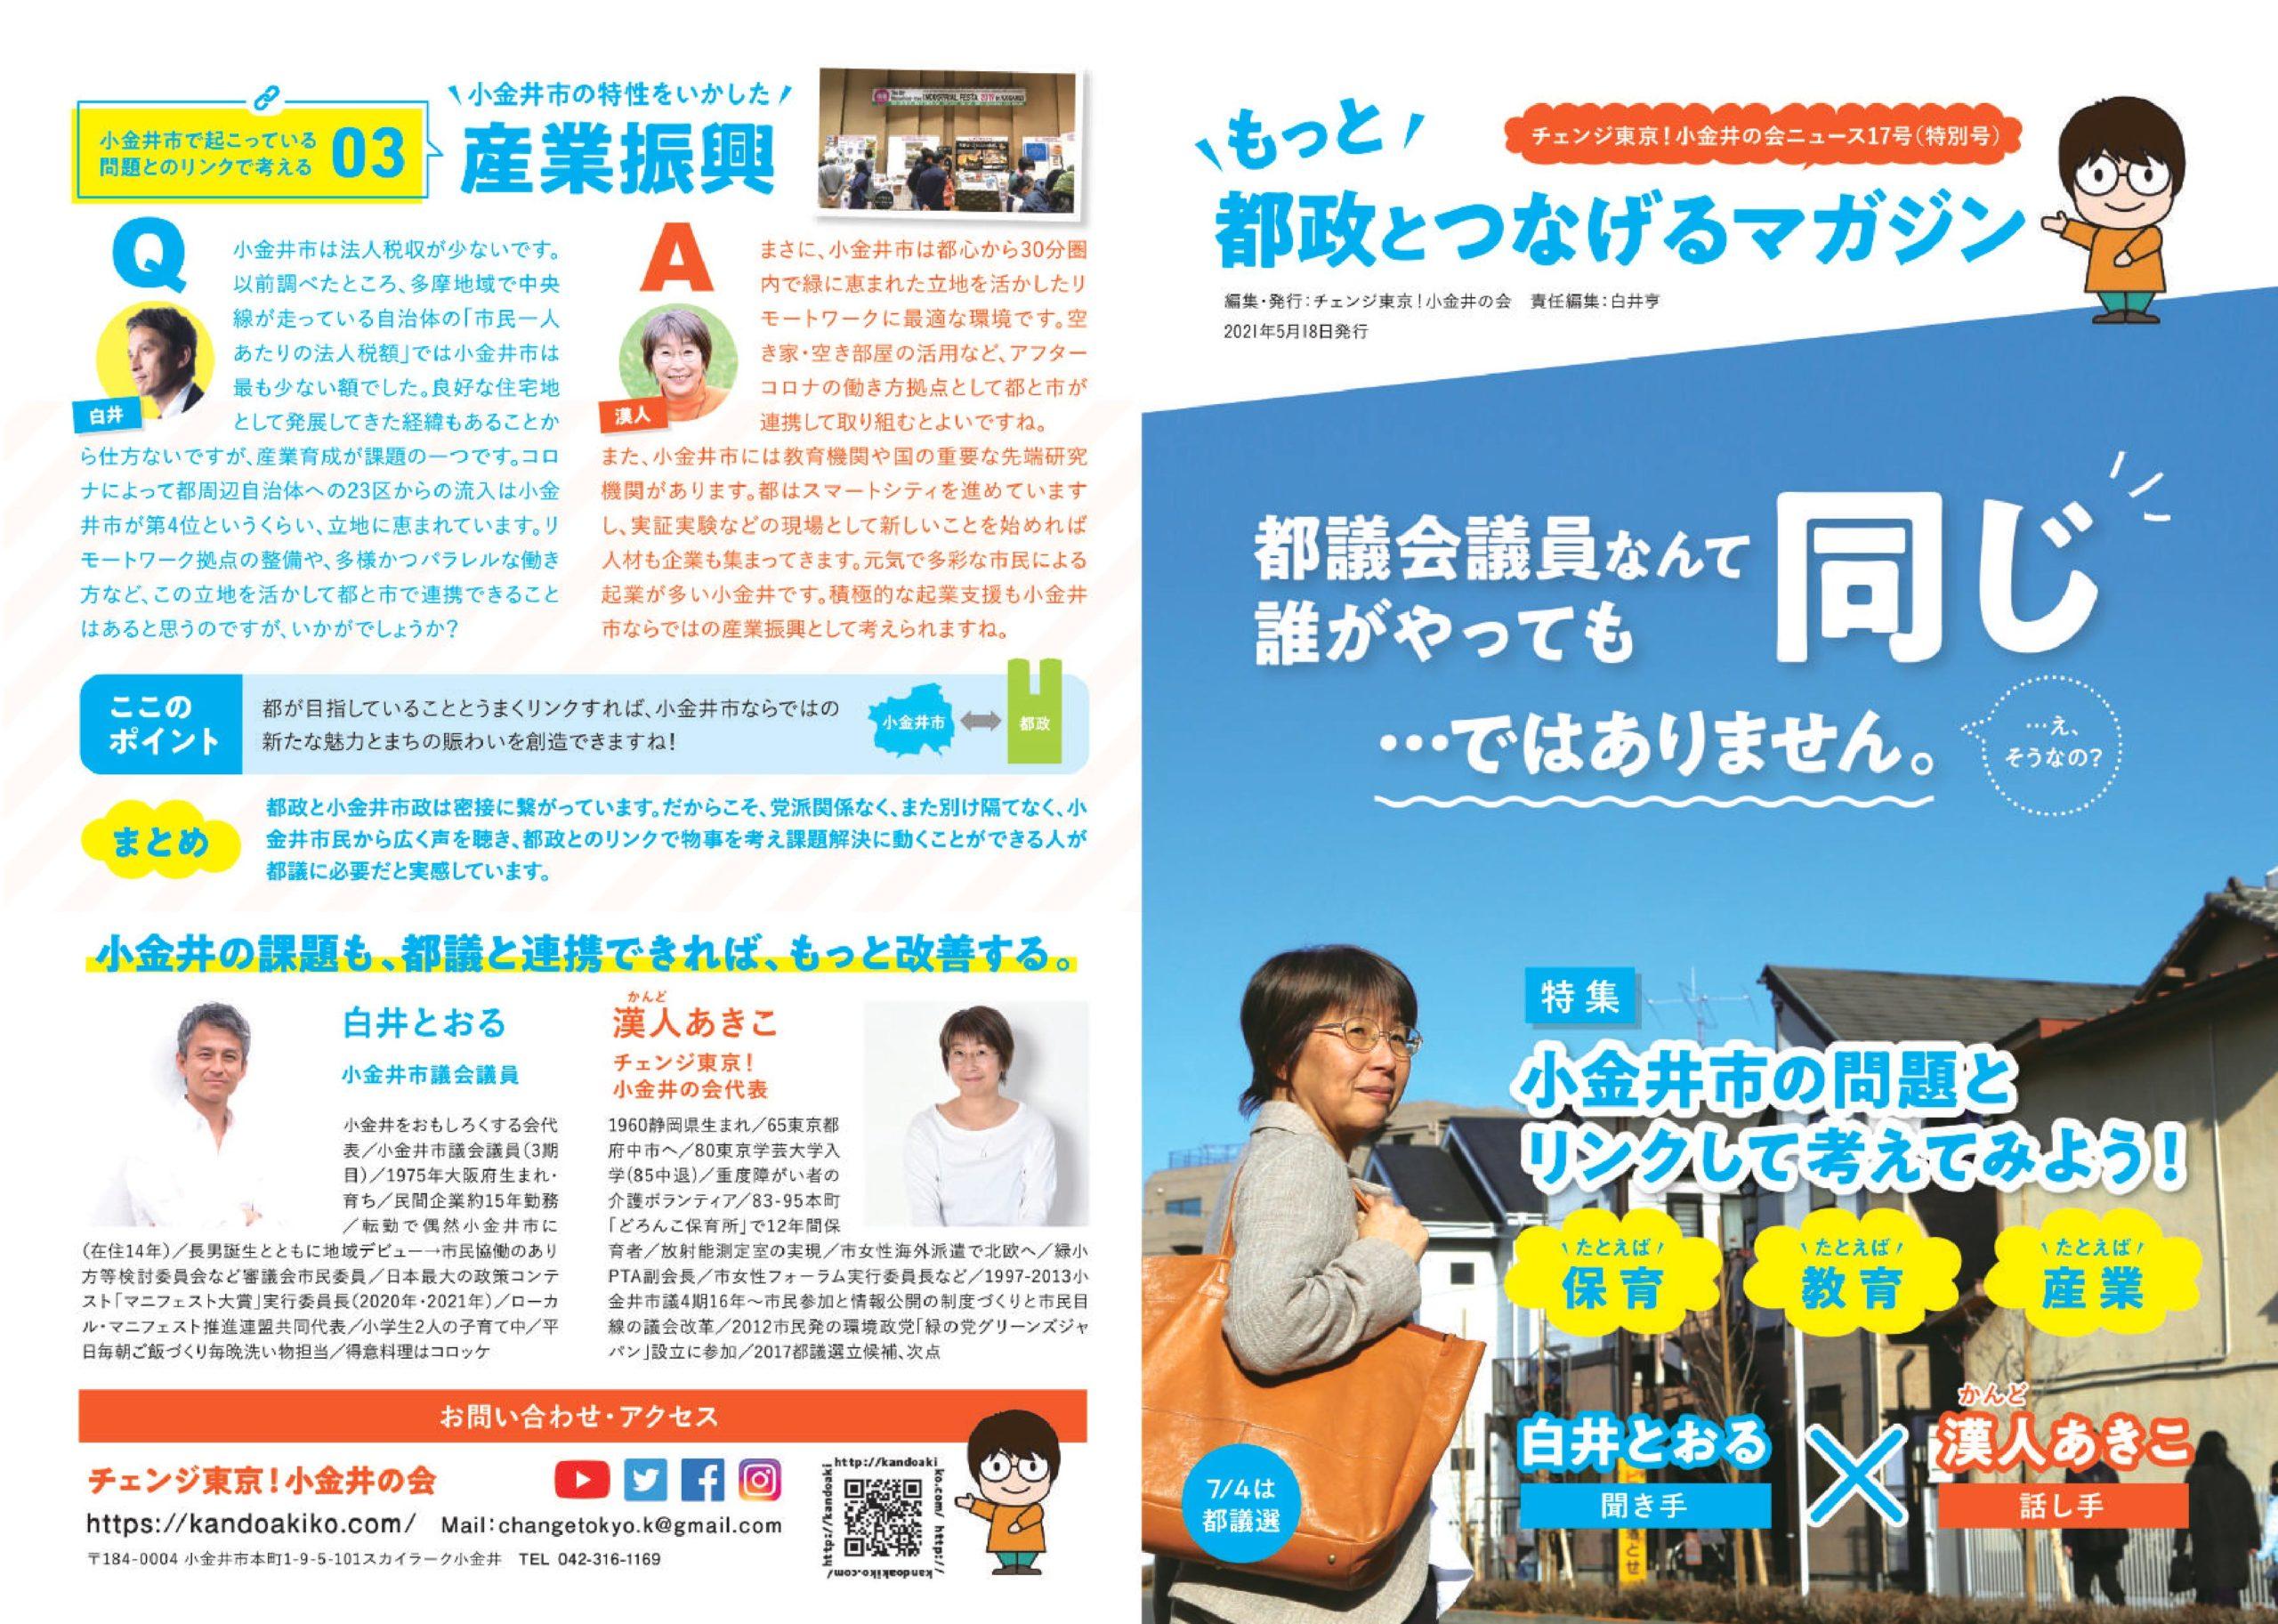 チェンジ東京!小金井の会ニュース 17号-表